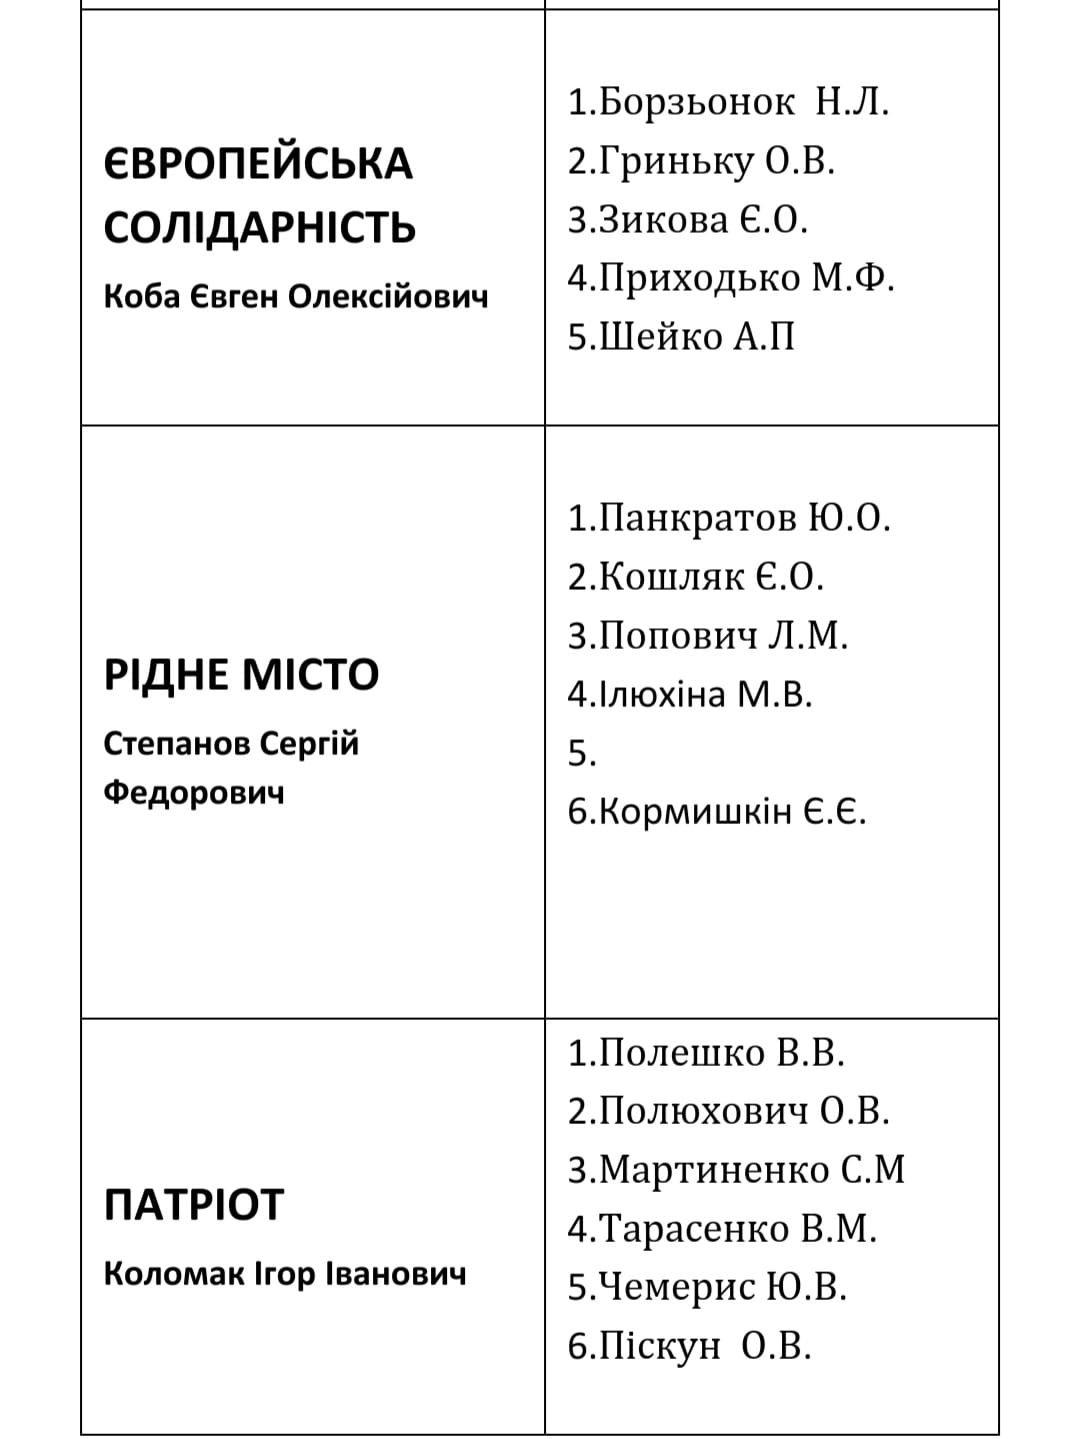 Депутаты по округам: кто хочет представлять ваши интересы в Лозовском горсовете, фото-17